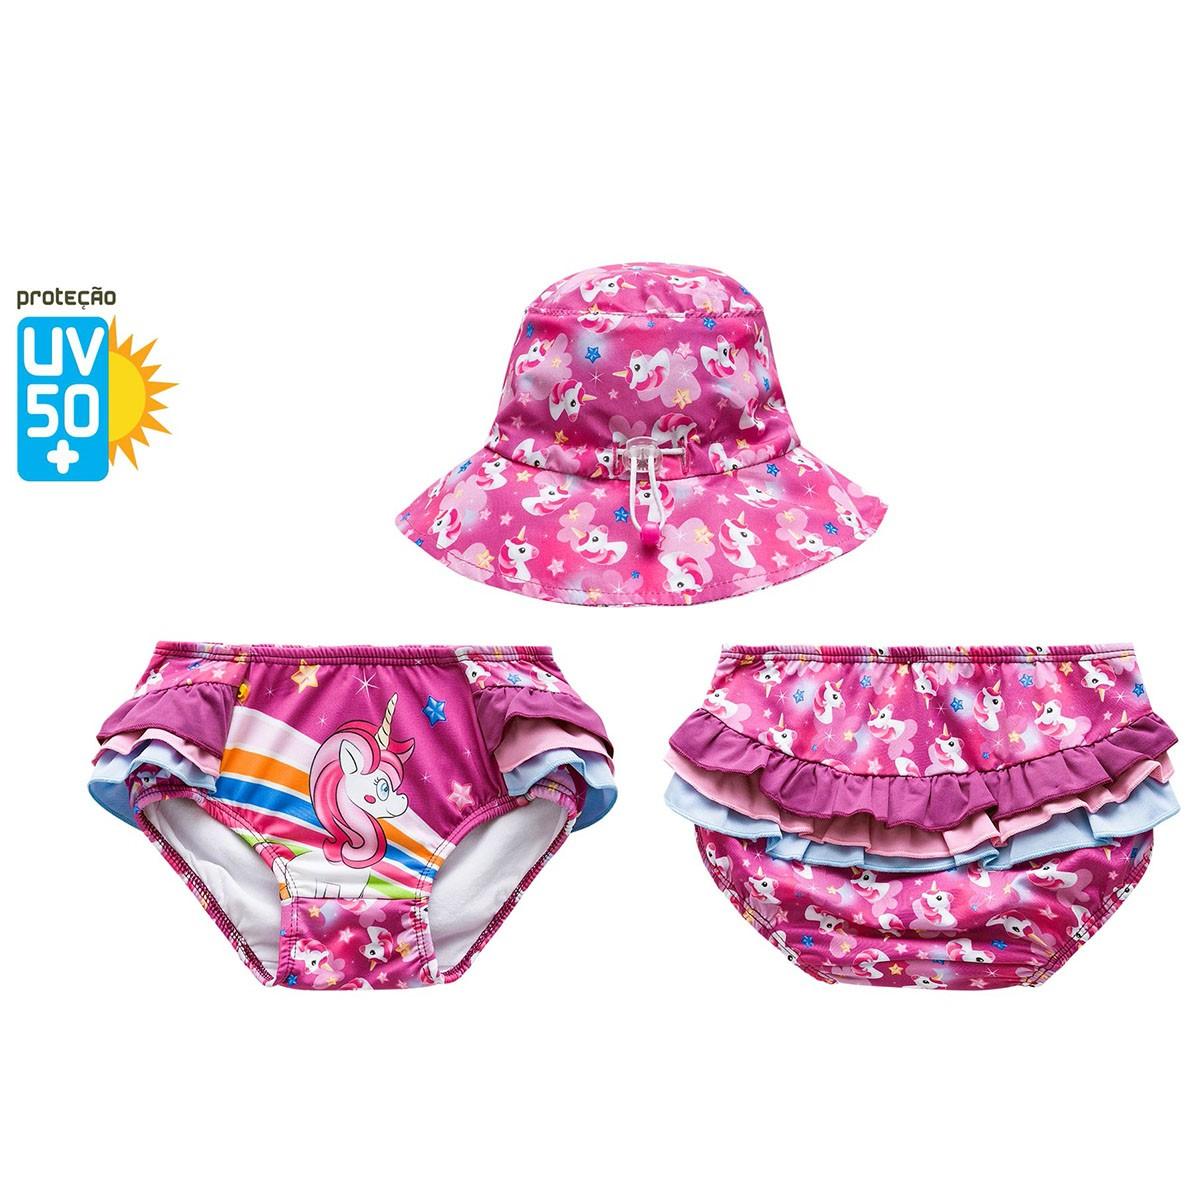 Biquíni bebê calcinha babadinho rosa unicórnio chapéu praia